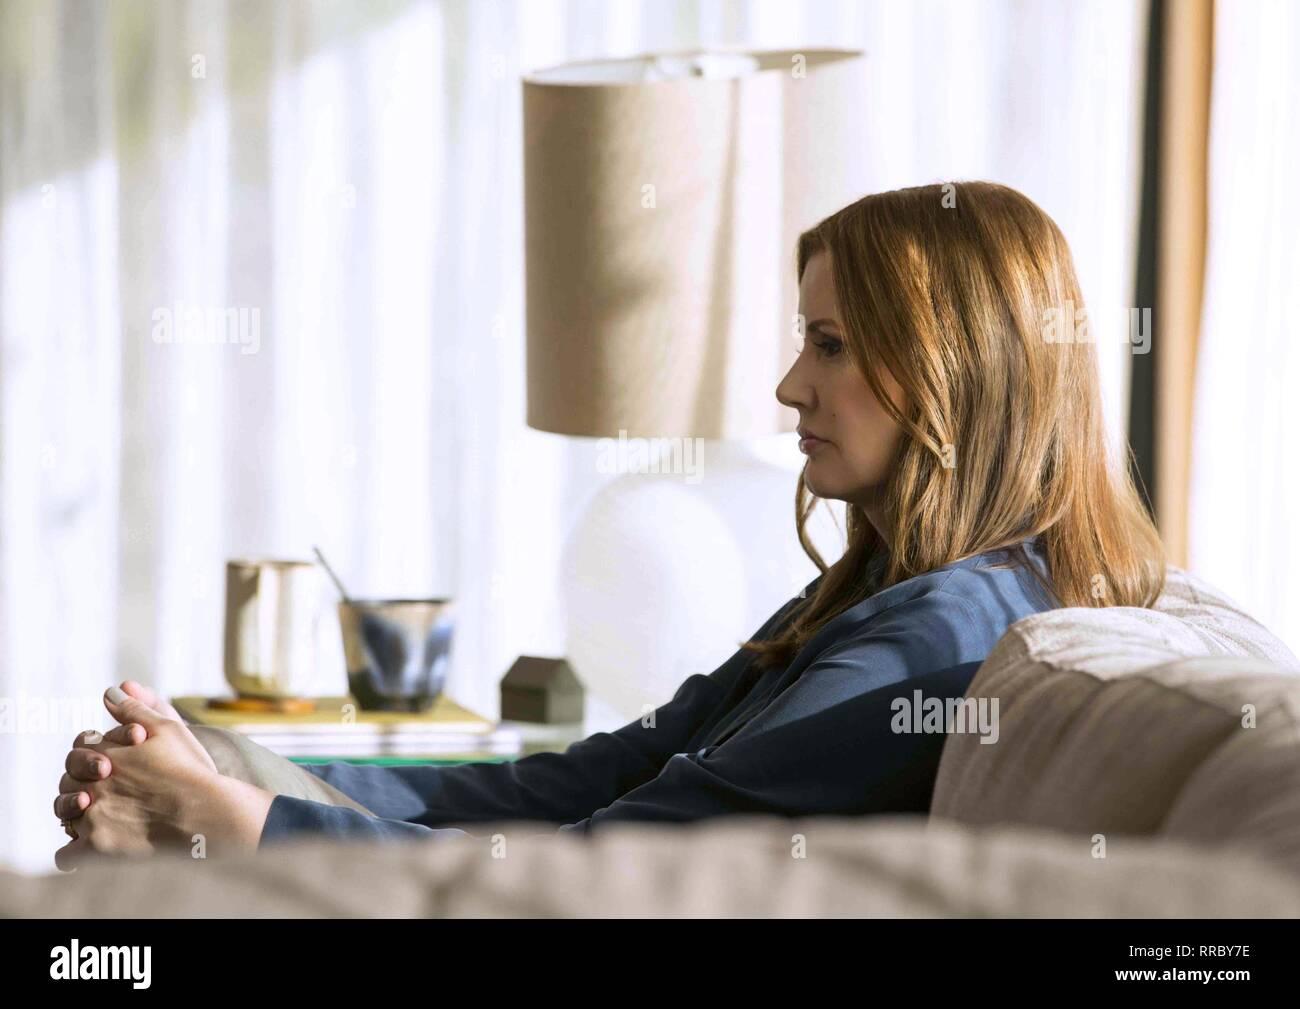 MARJORIE PRIME, GEENA DAVIS, 2017 - Stock Image